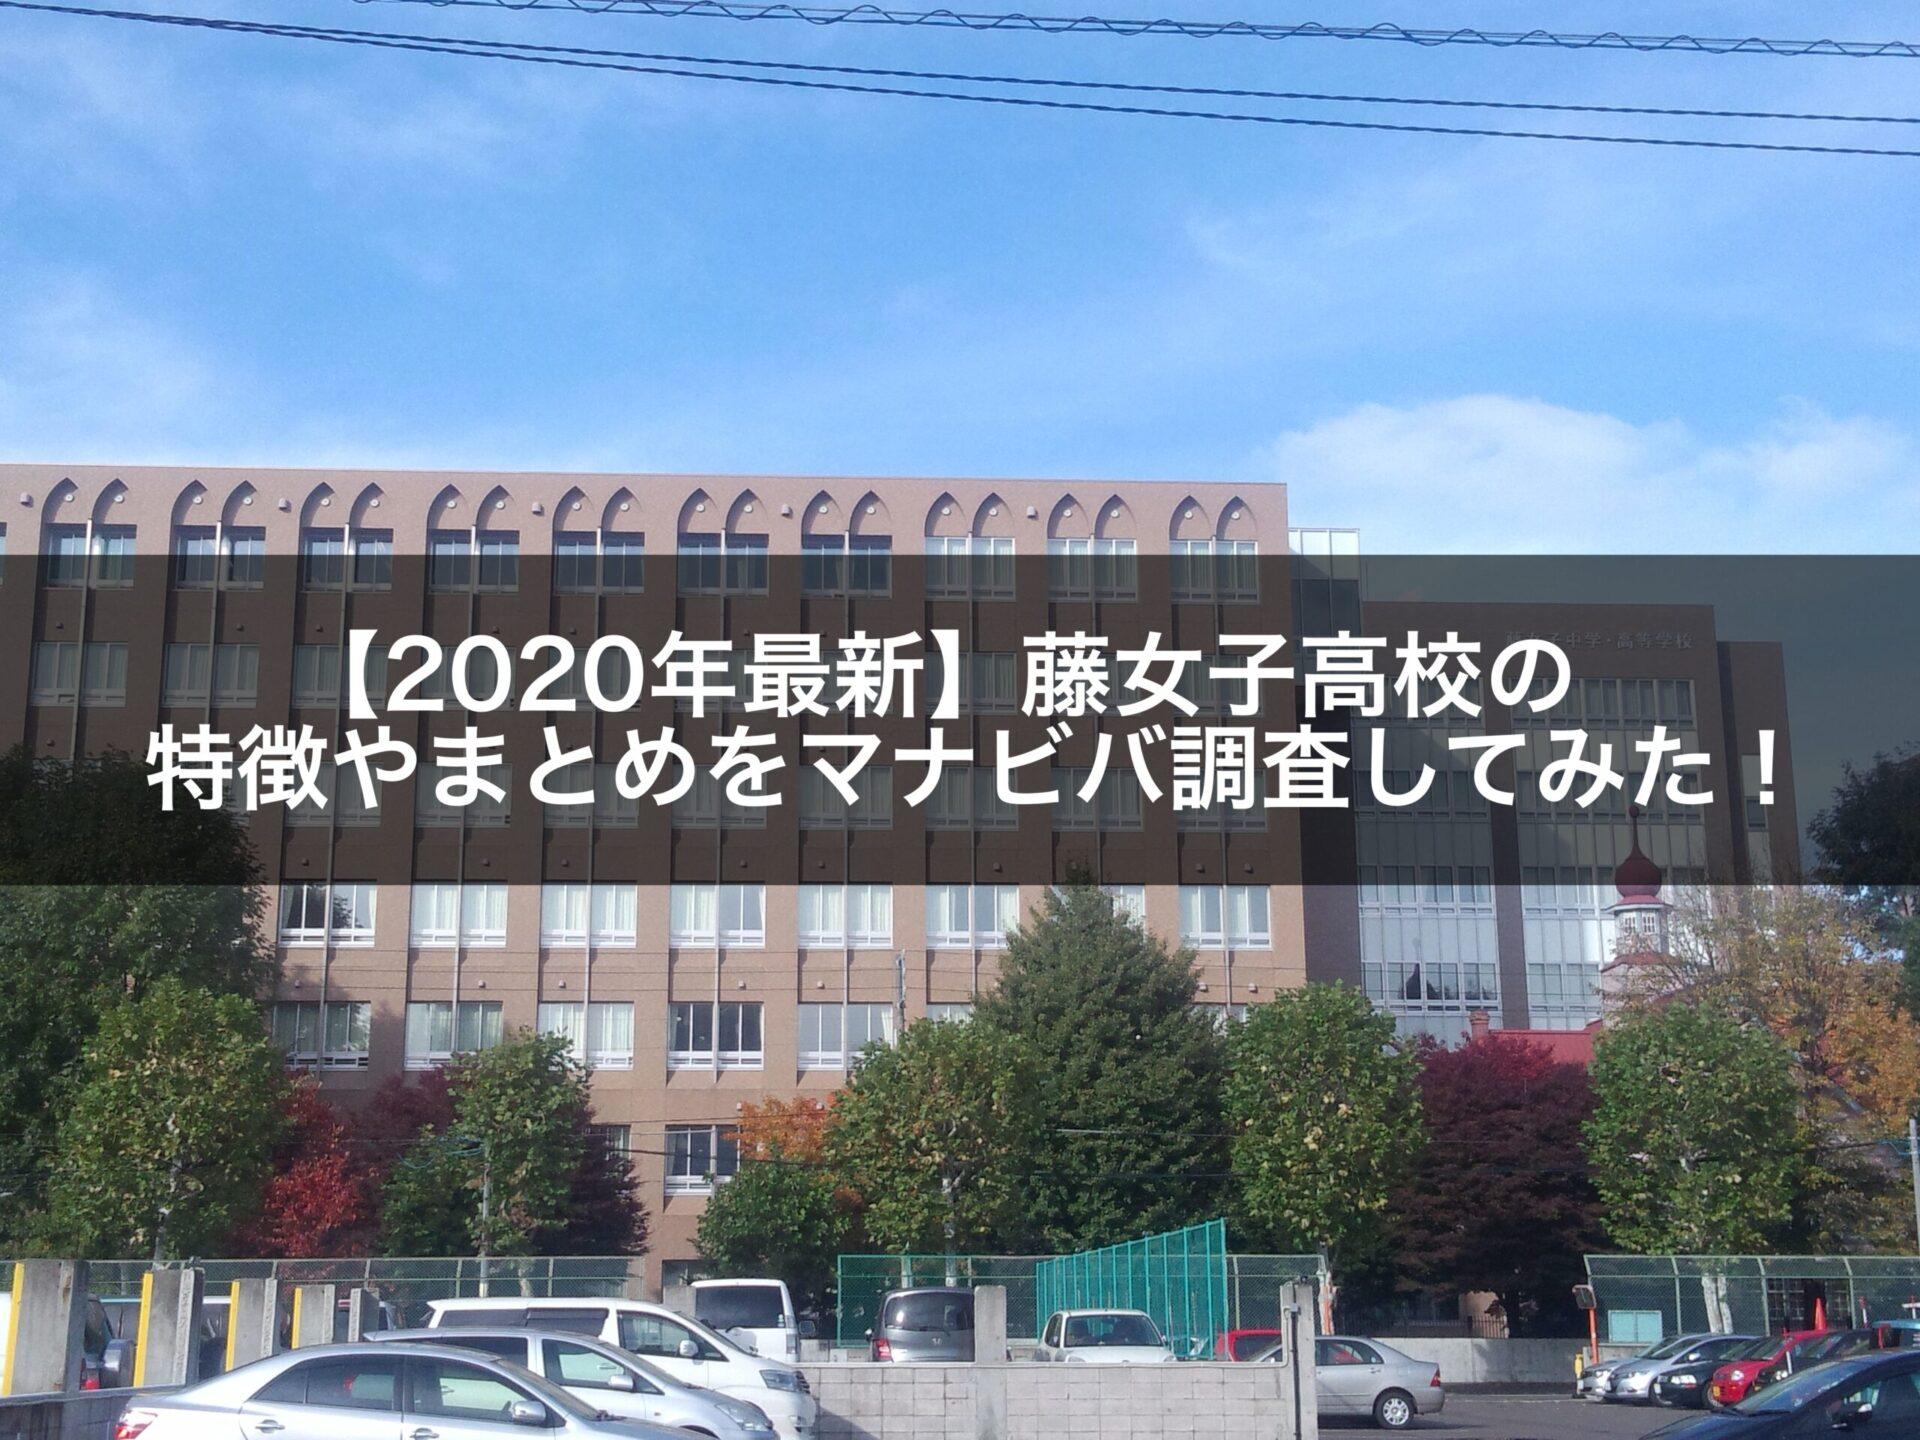 【2020年最新】藤女子高校の特徴やまとめをマナビバ調査してみた!